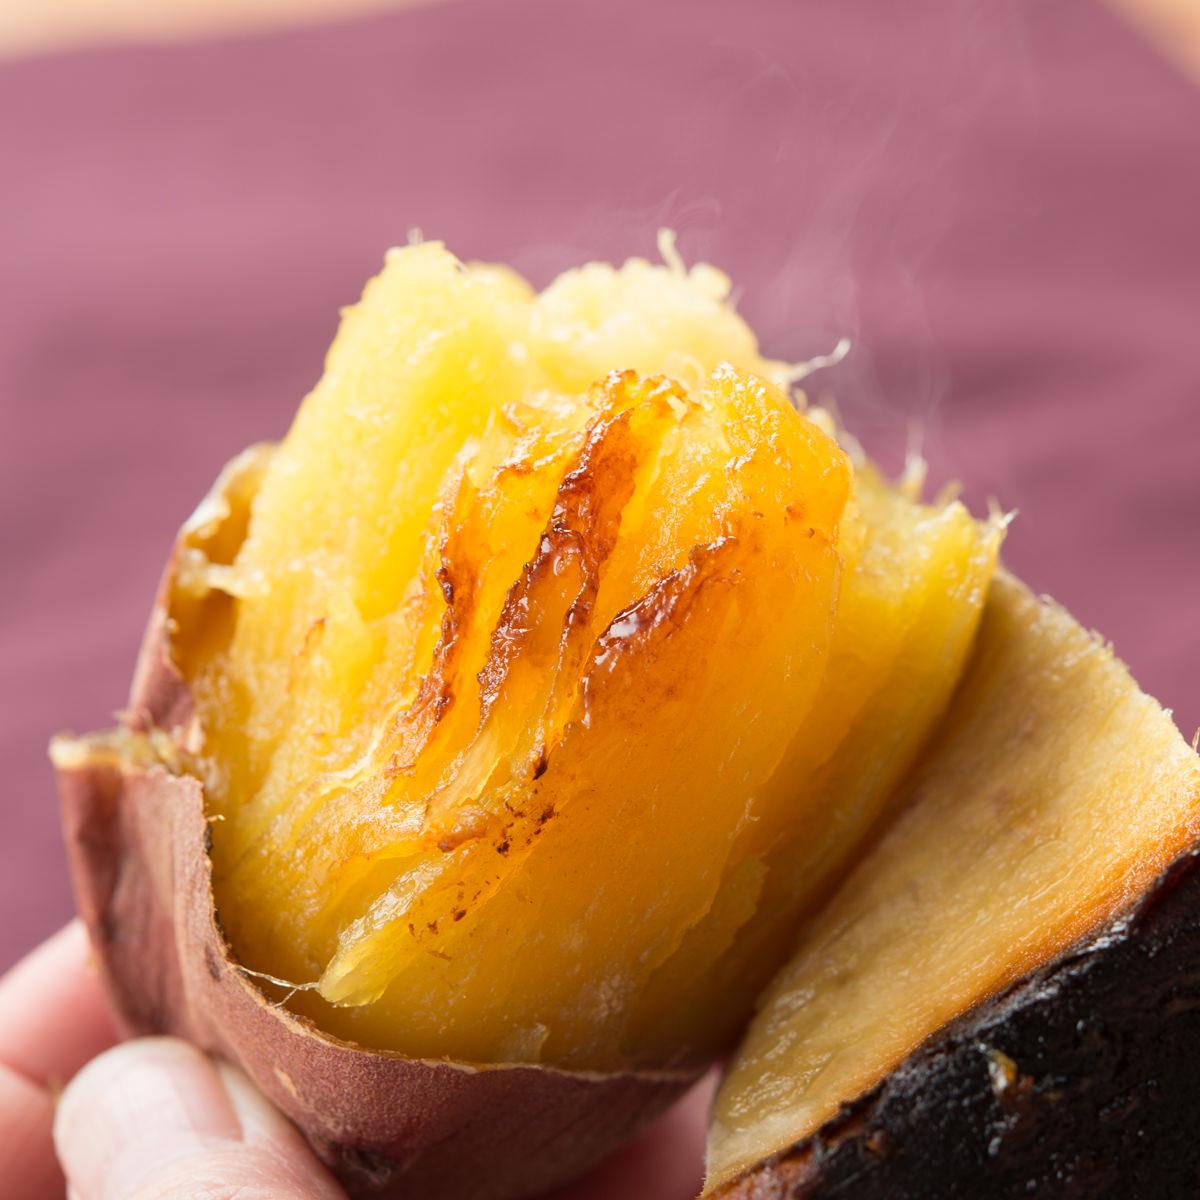 サラダファイブ 濃い甘みとなめらか食感 茨城県産 ブランド紅はるか(紅ゆうか)生芋 Mサイズ〔5kg〕